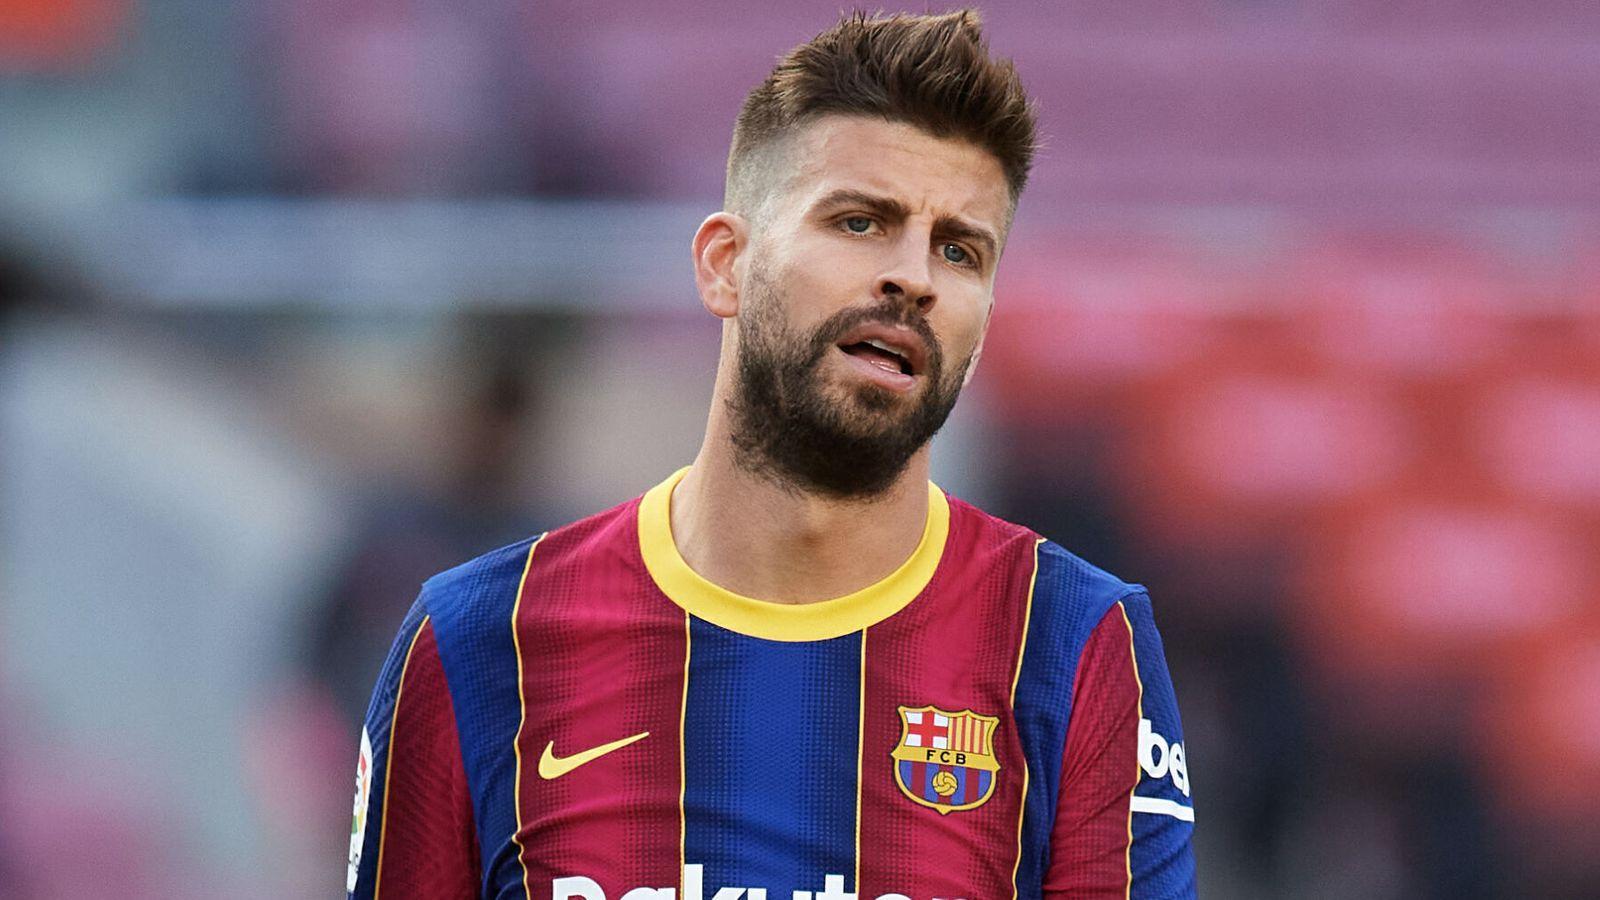 Барселона – ПСЖ: прогноз на матч 1|8 ЛЧ, статистика, история встреч